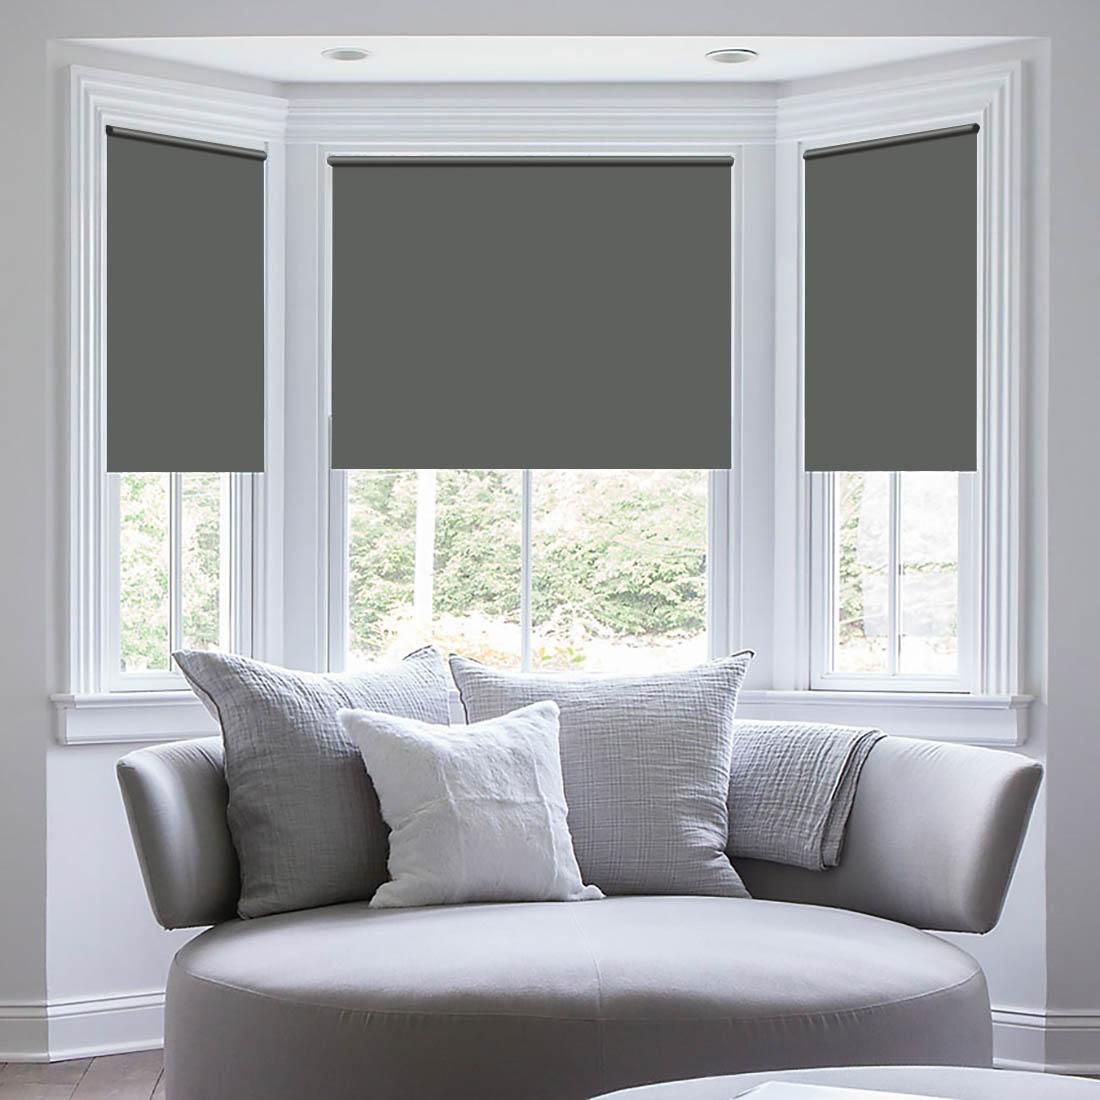 Купить Римские и рулонные шторы Sleep iX, Миниролло Sleep iX Eclipce Цвет: Серый, Серебряный, Япония, Blackout